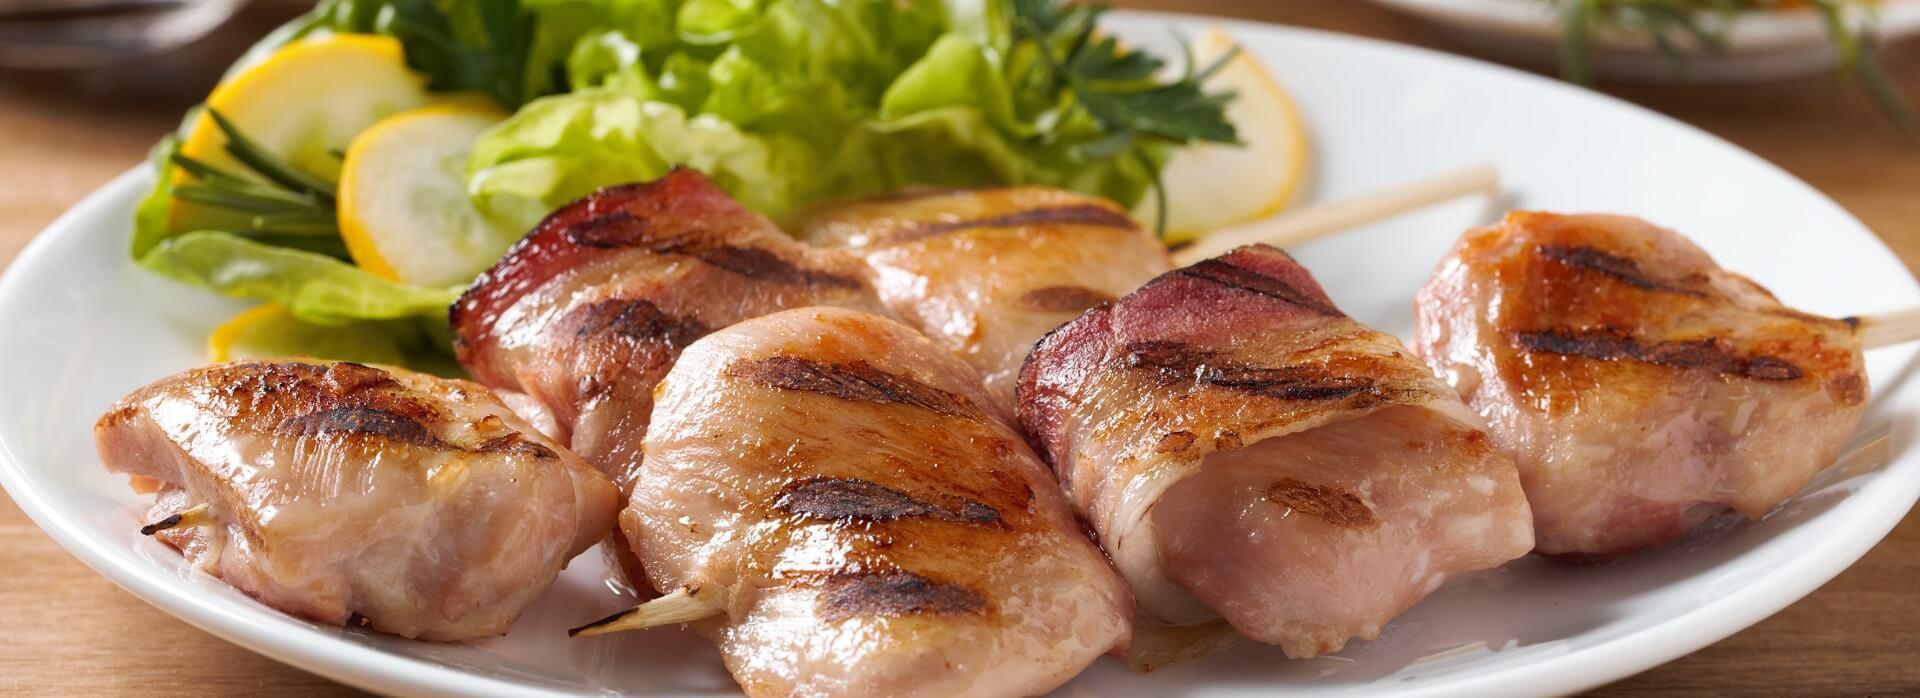 Recetas rápidas con pollo Friko